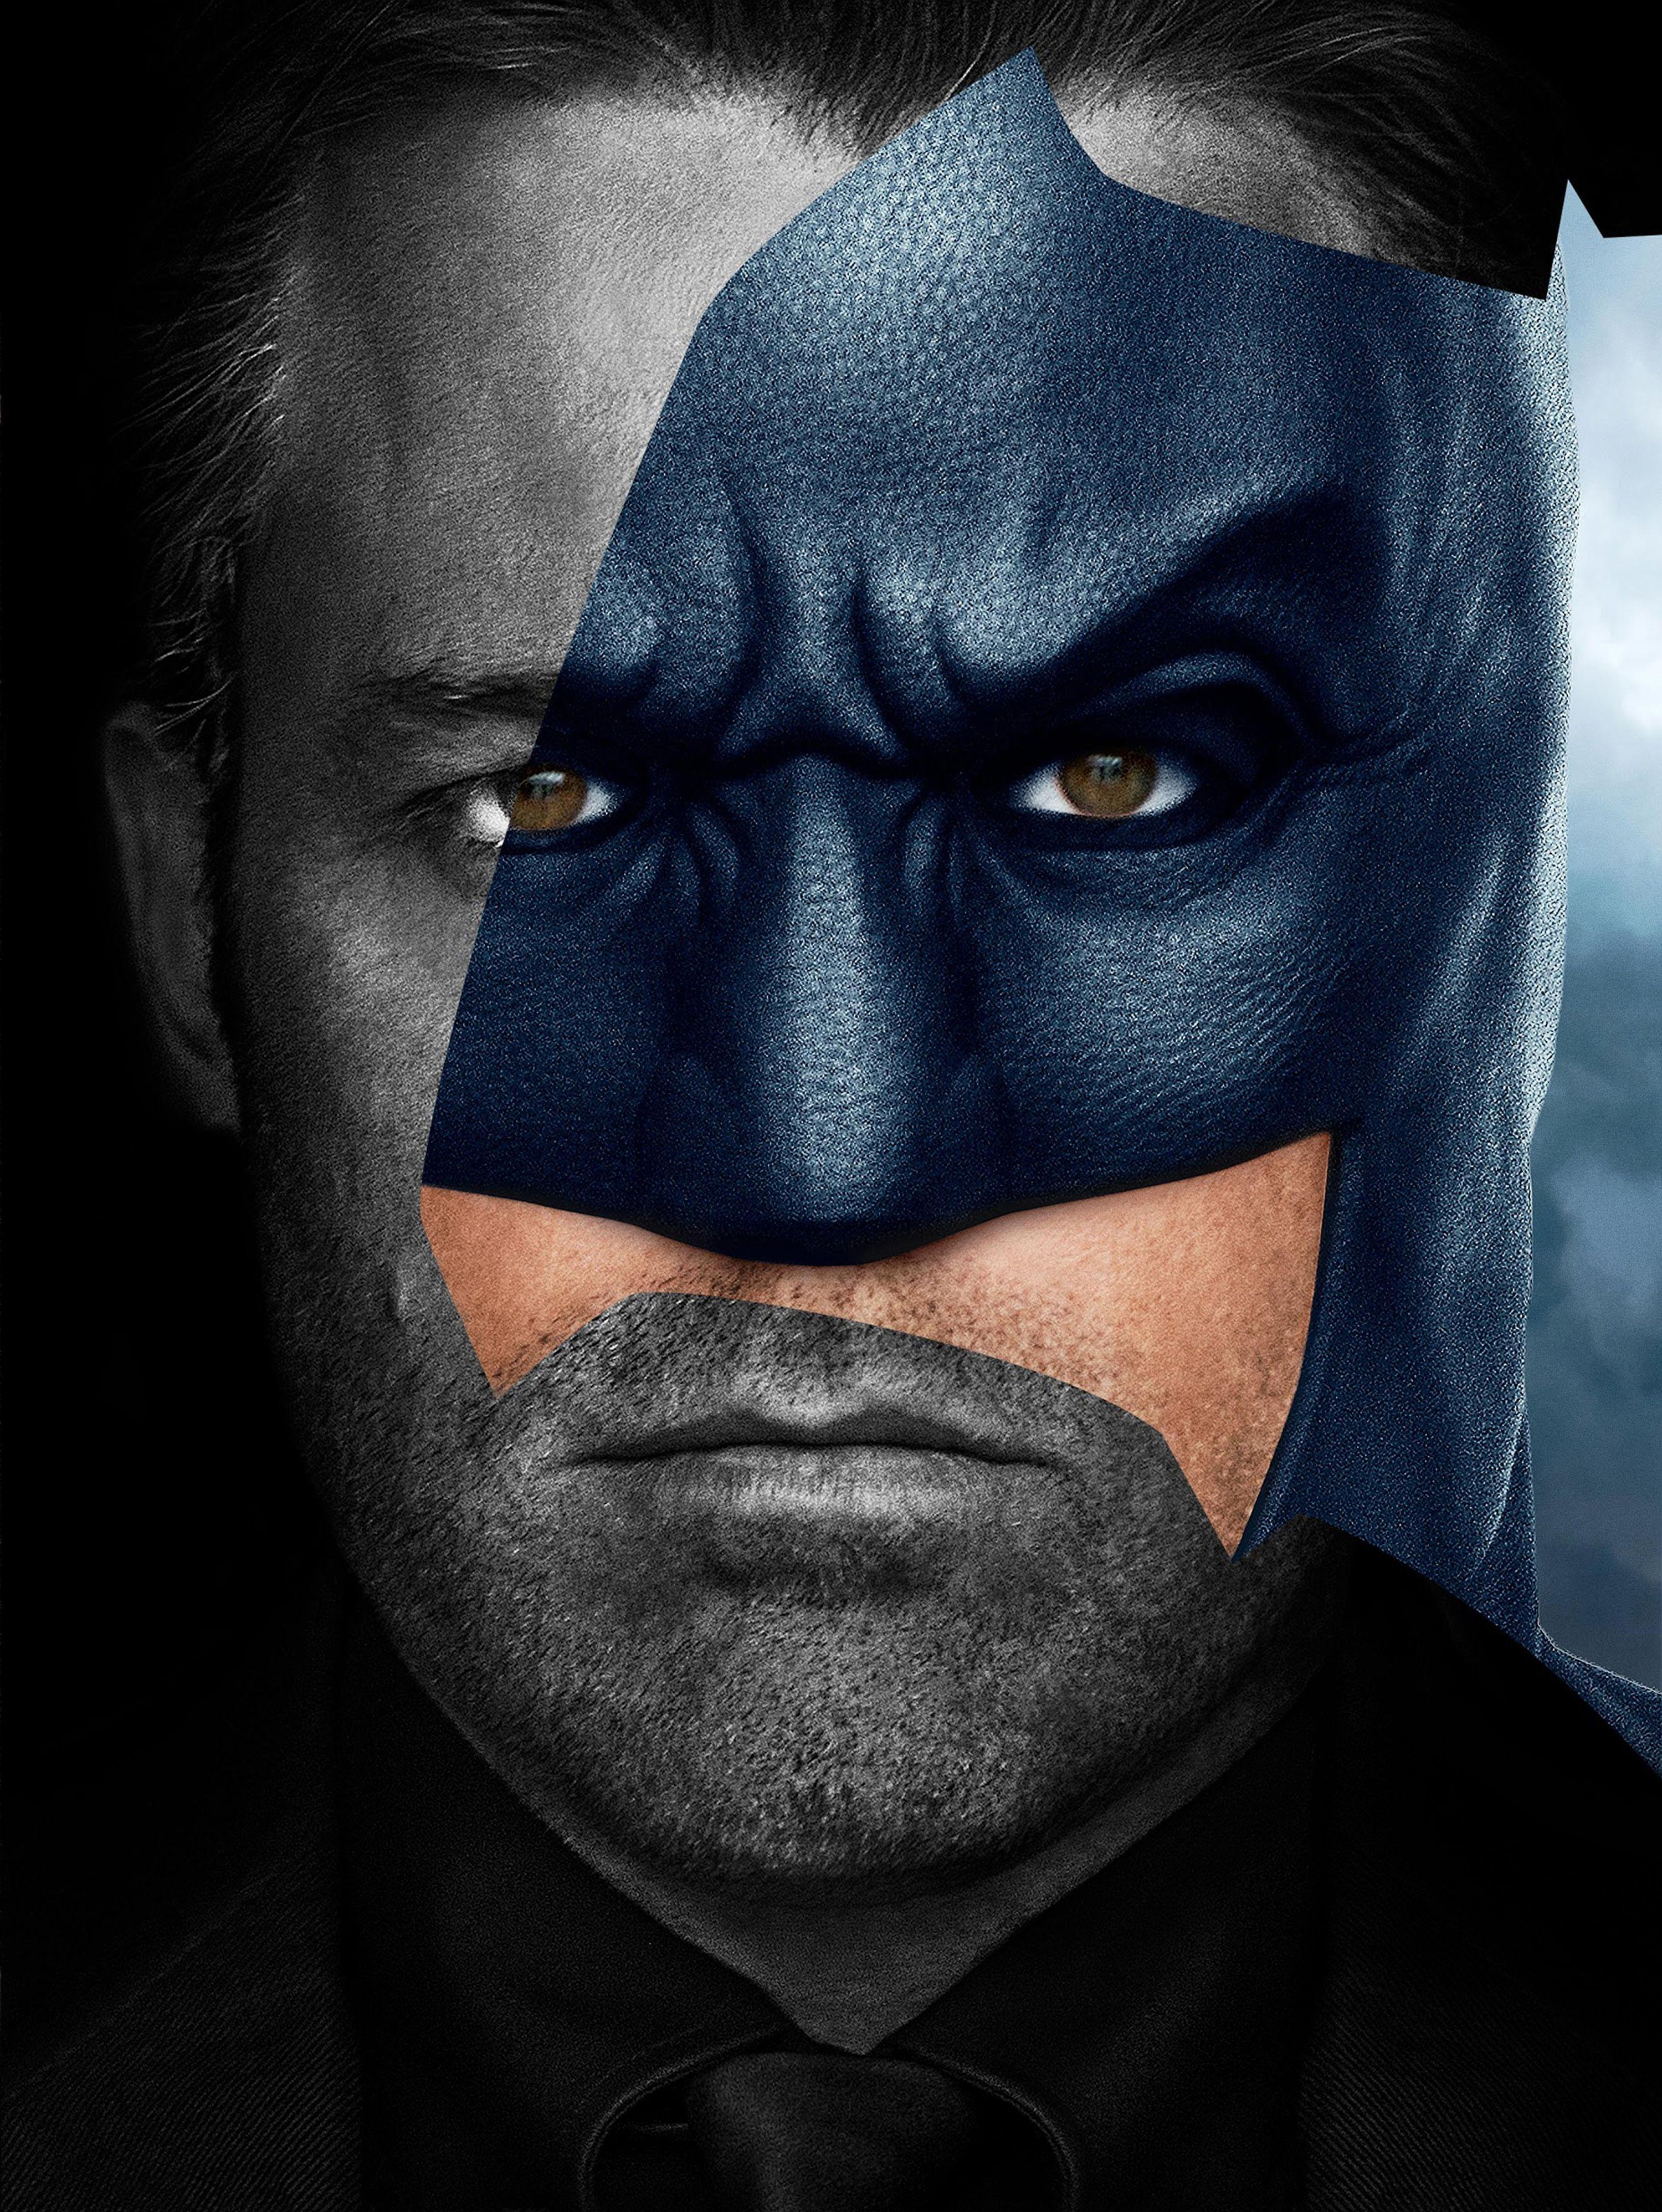 Ben Affleck Batman Wallpapers Top Free Ben Affleck Batman